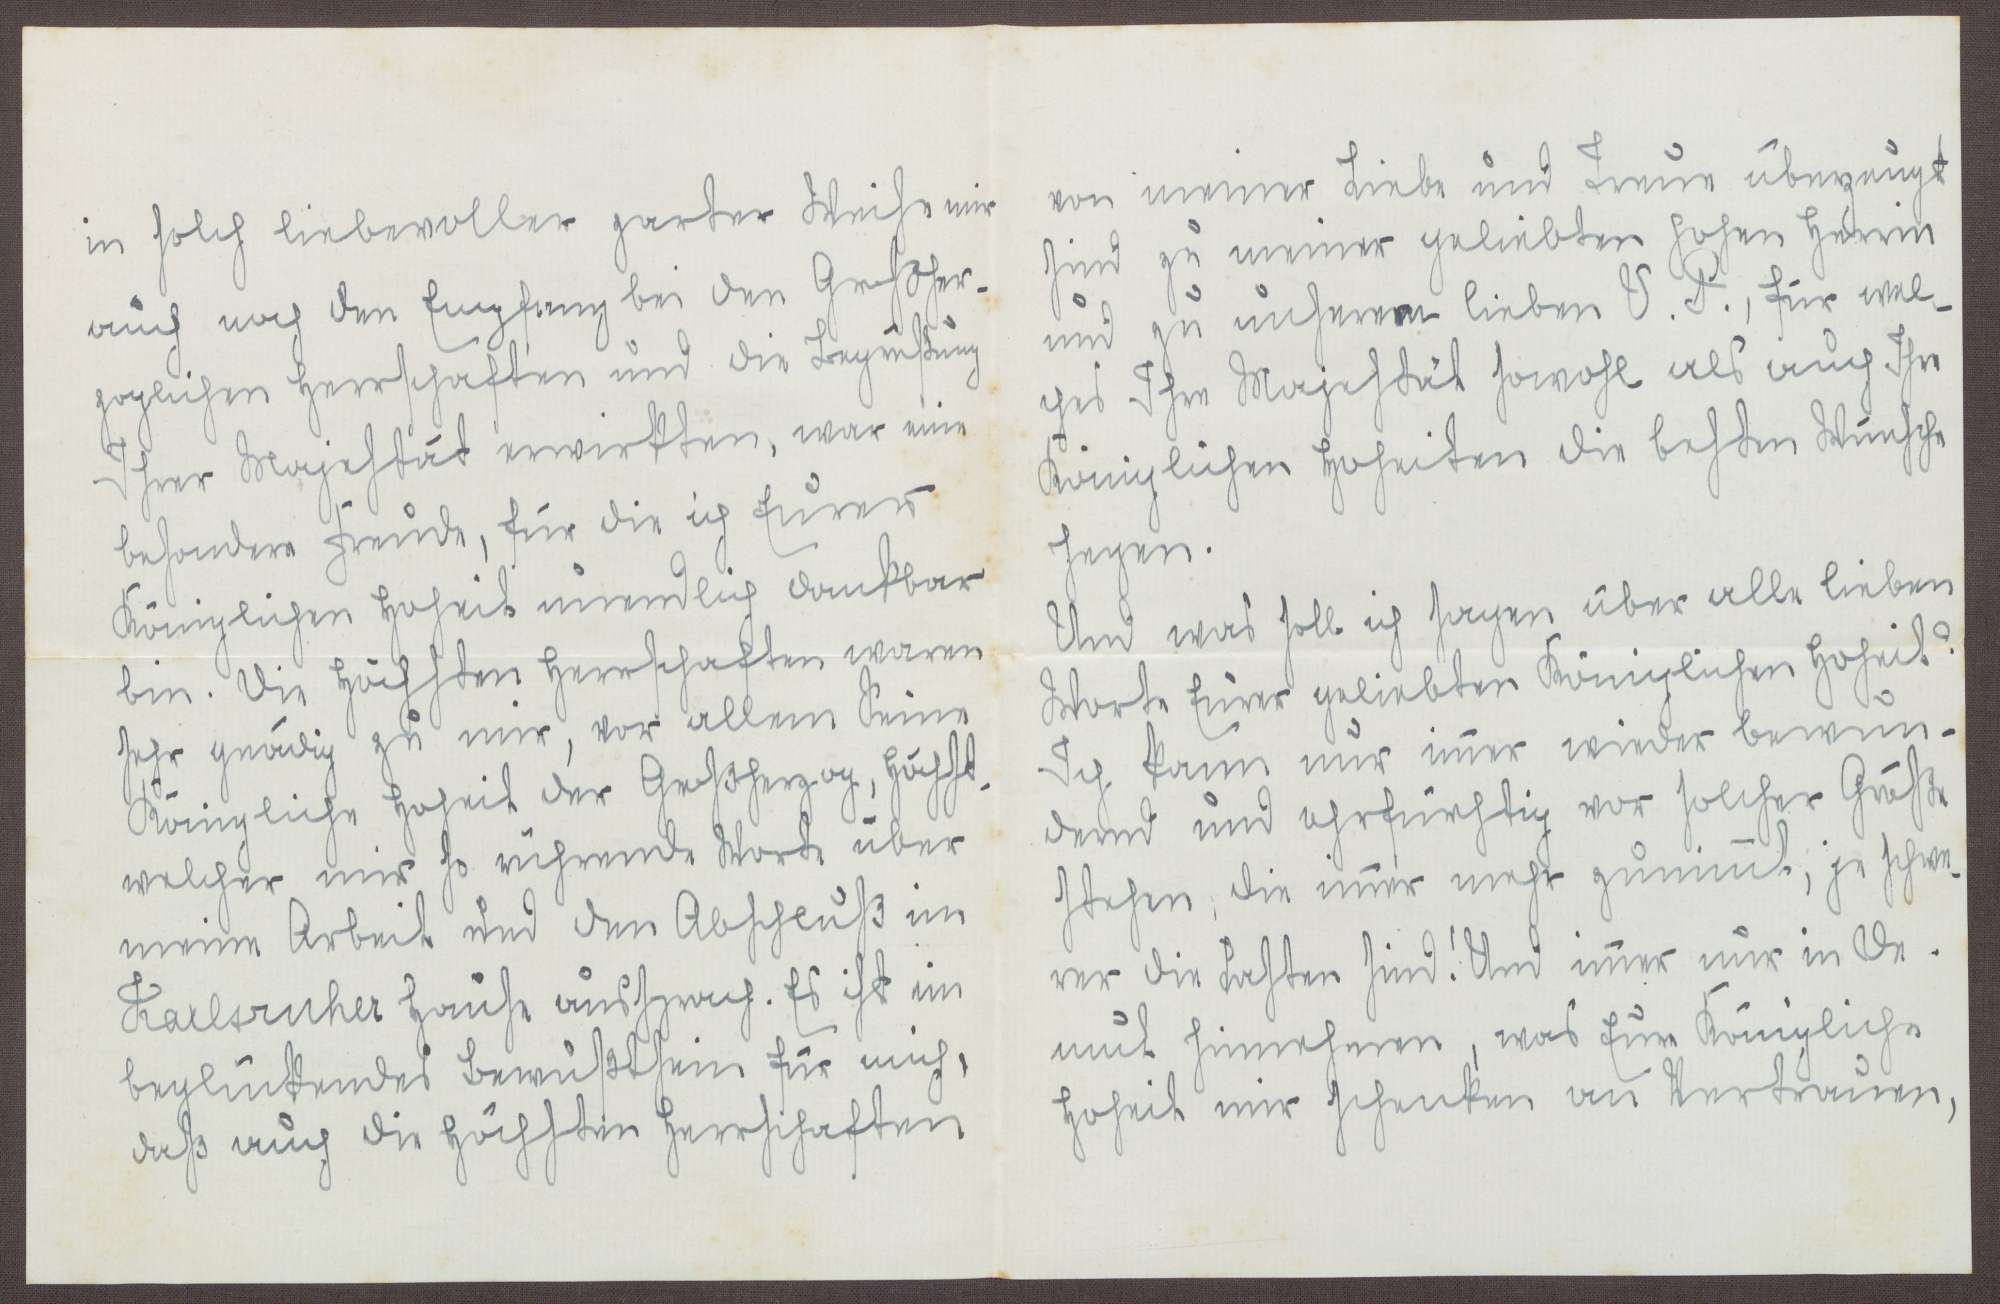 Schreiben von Emilie Göler an die Großherzogin Luise; Treffen mit dem Großherzog Friedrich II., Bild 2